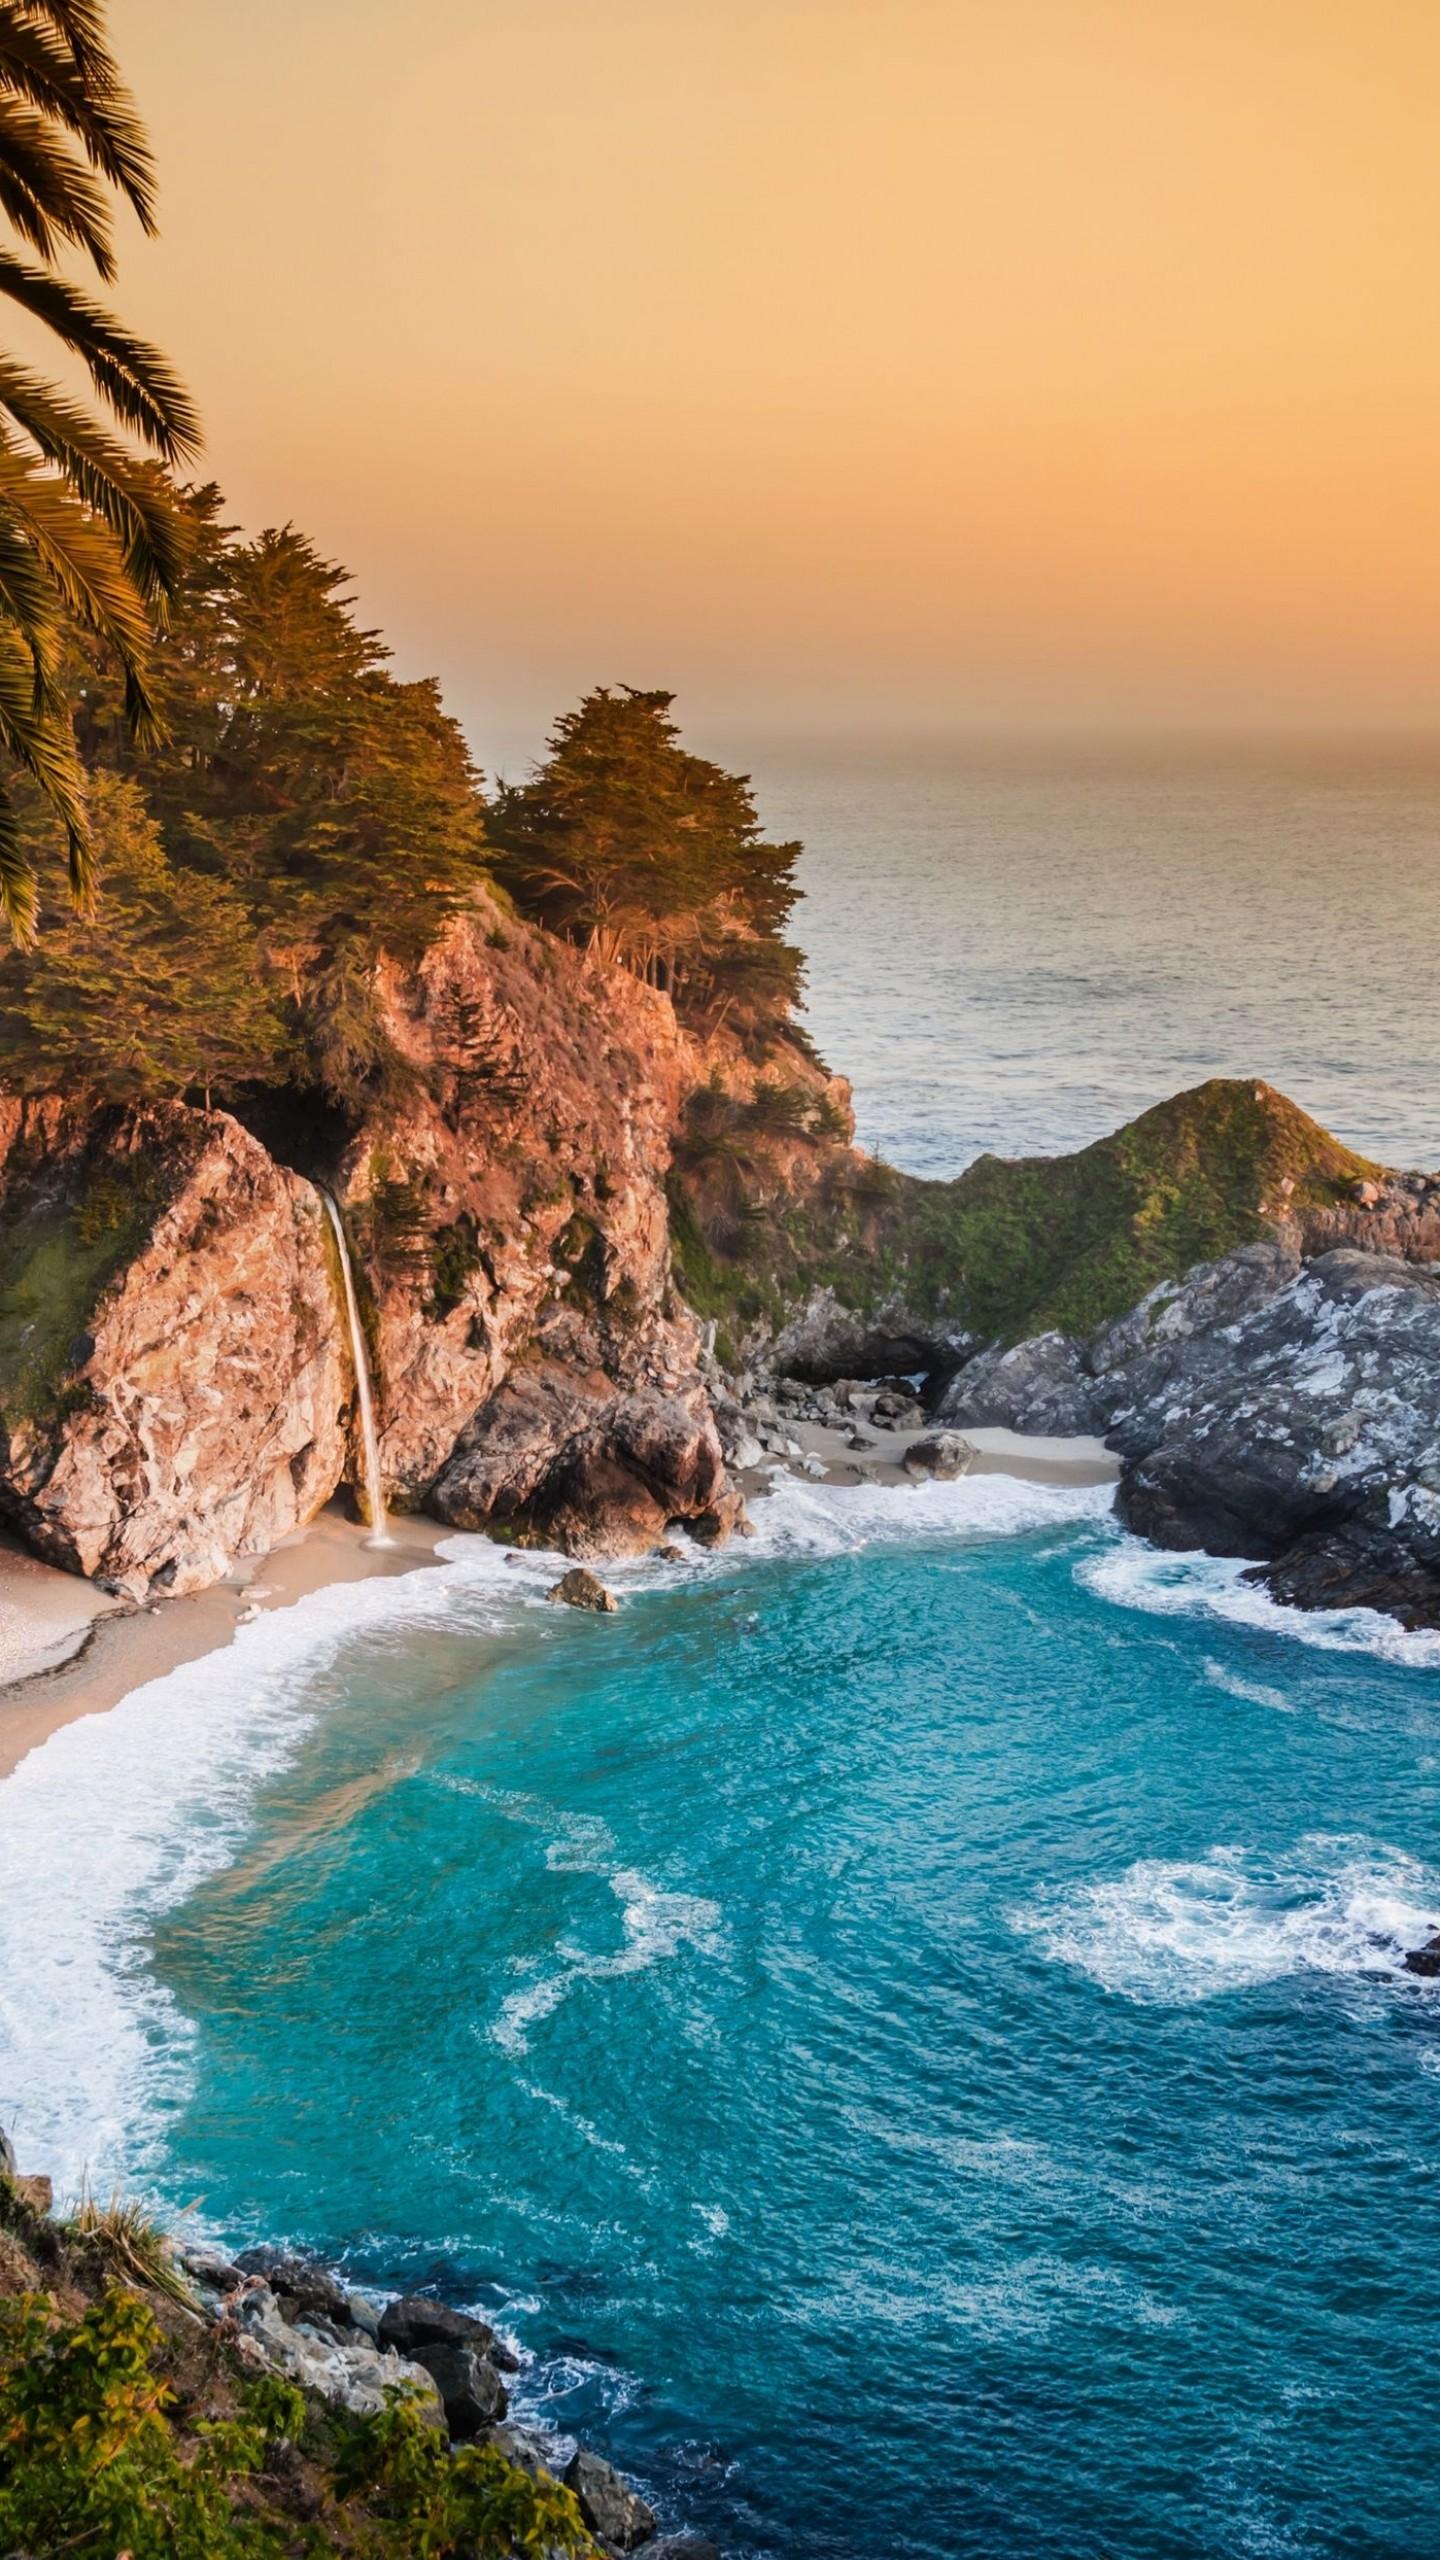 Wallpaper Pacific Ocean 5k 4k Wallpaper Big Sur California